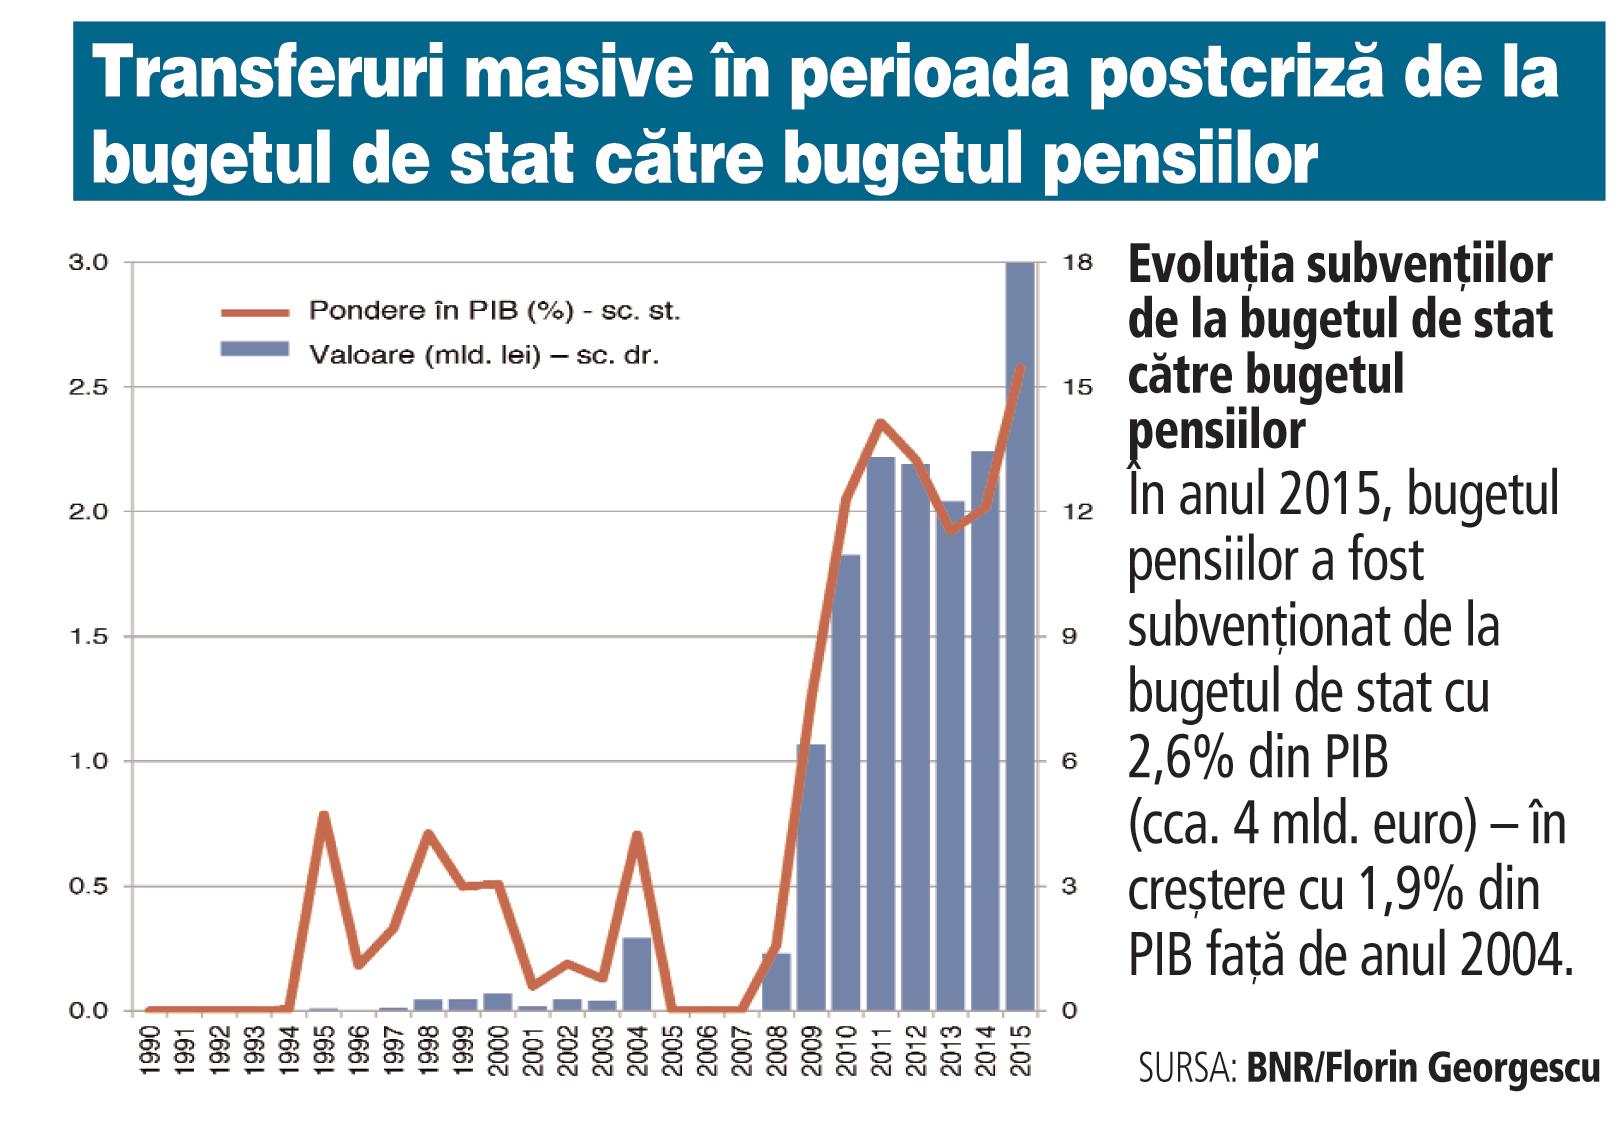 ZF 10 ani de la aderarea la UE: România a adunat un deficit cumulat de 85 mld. lei la pensii din 2007 încoace